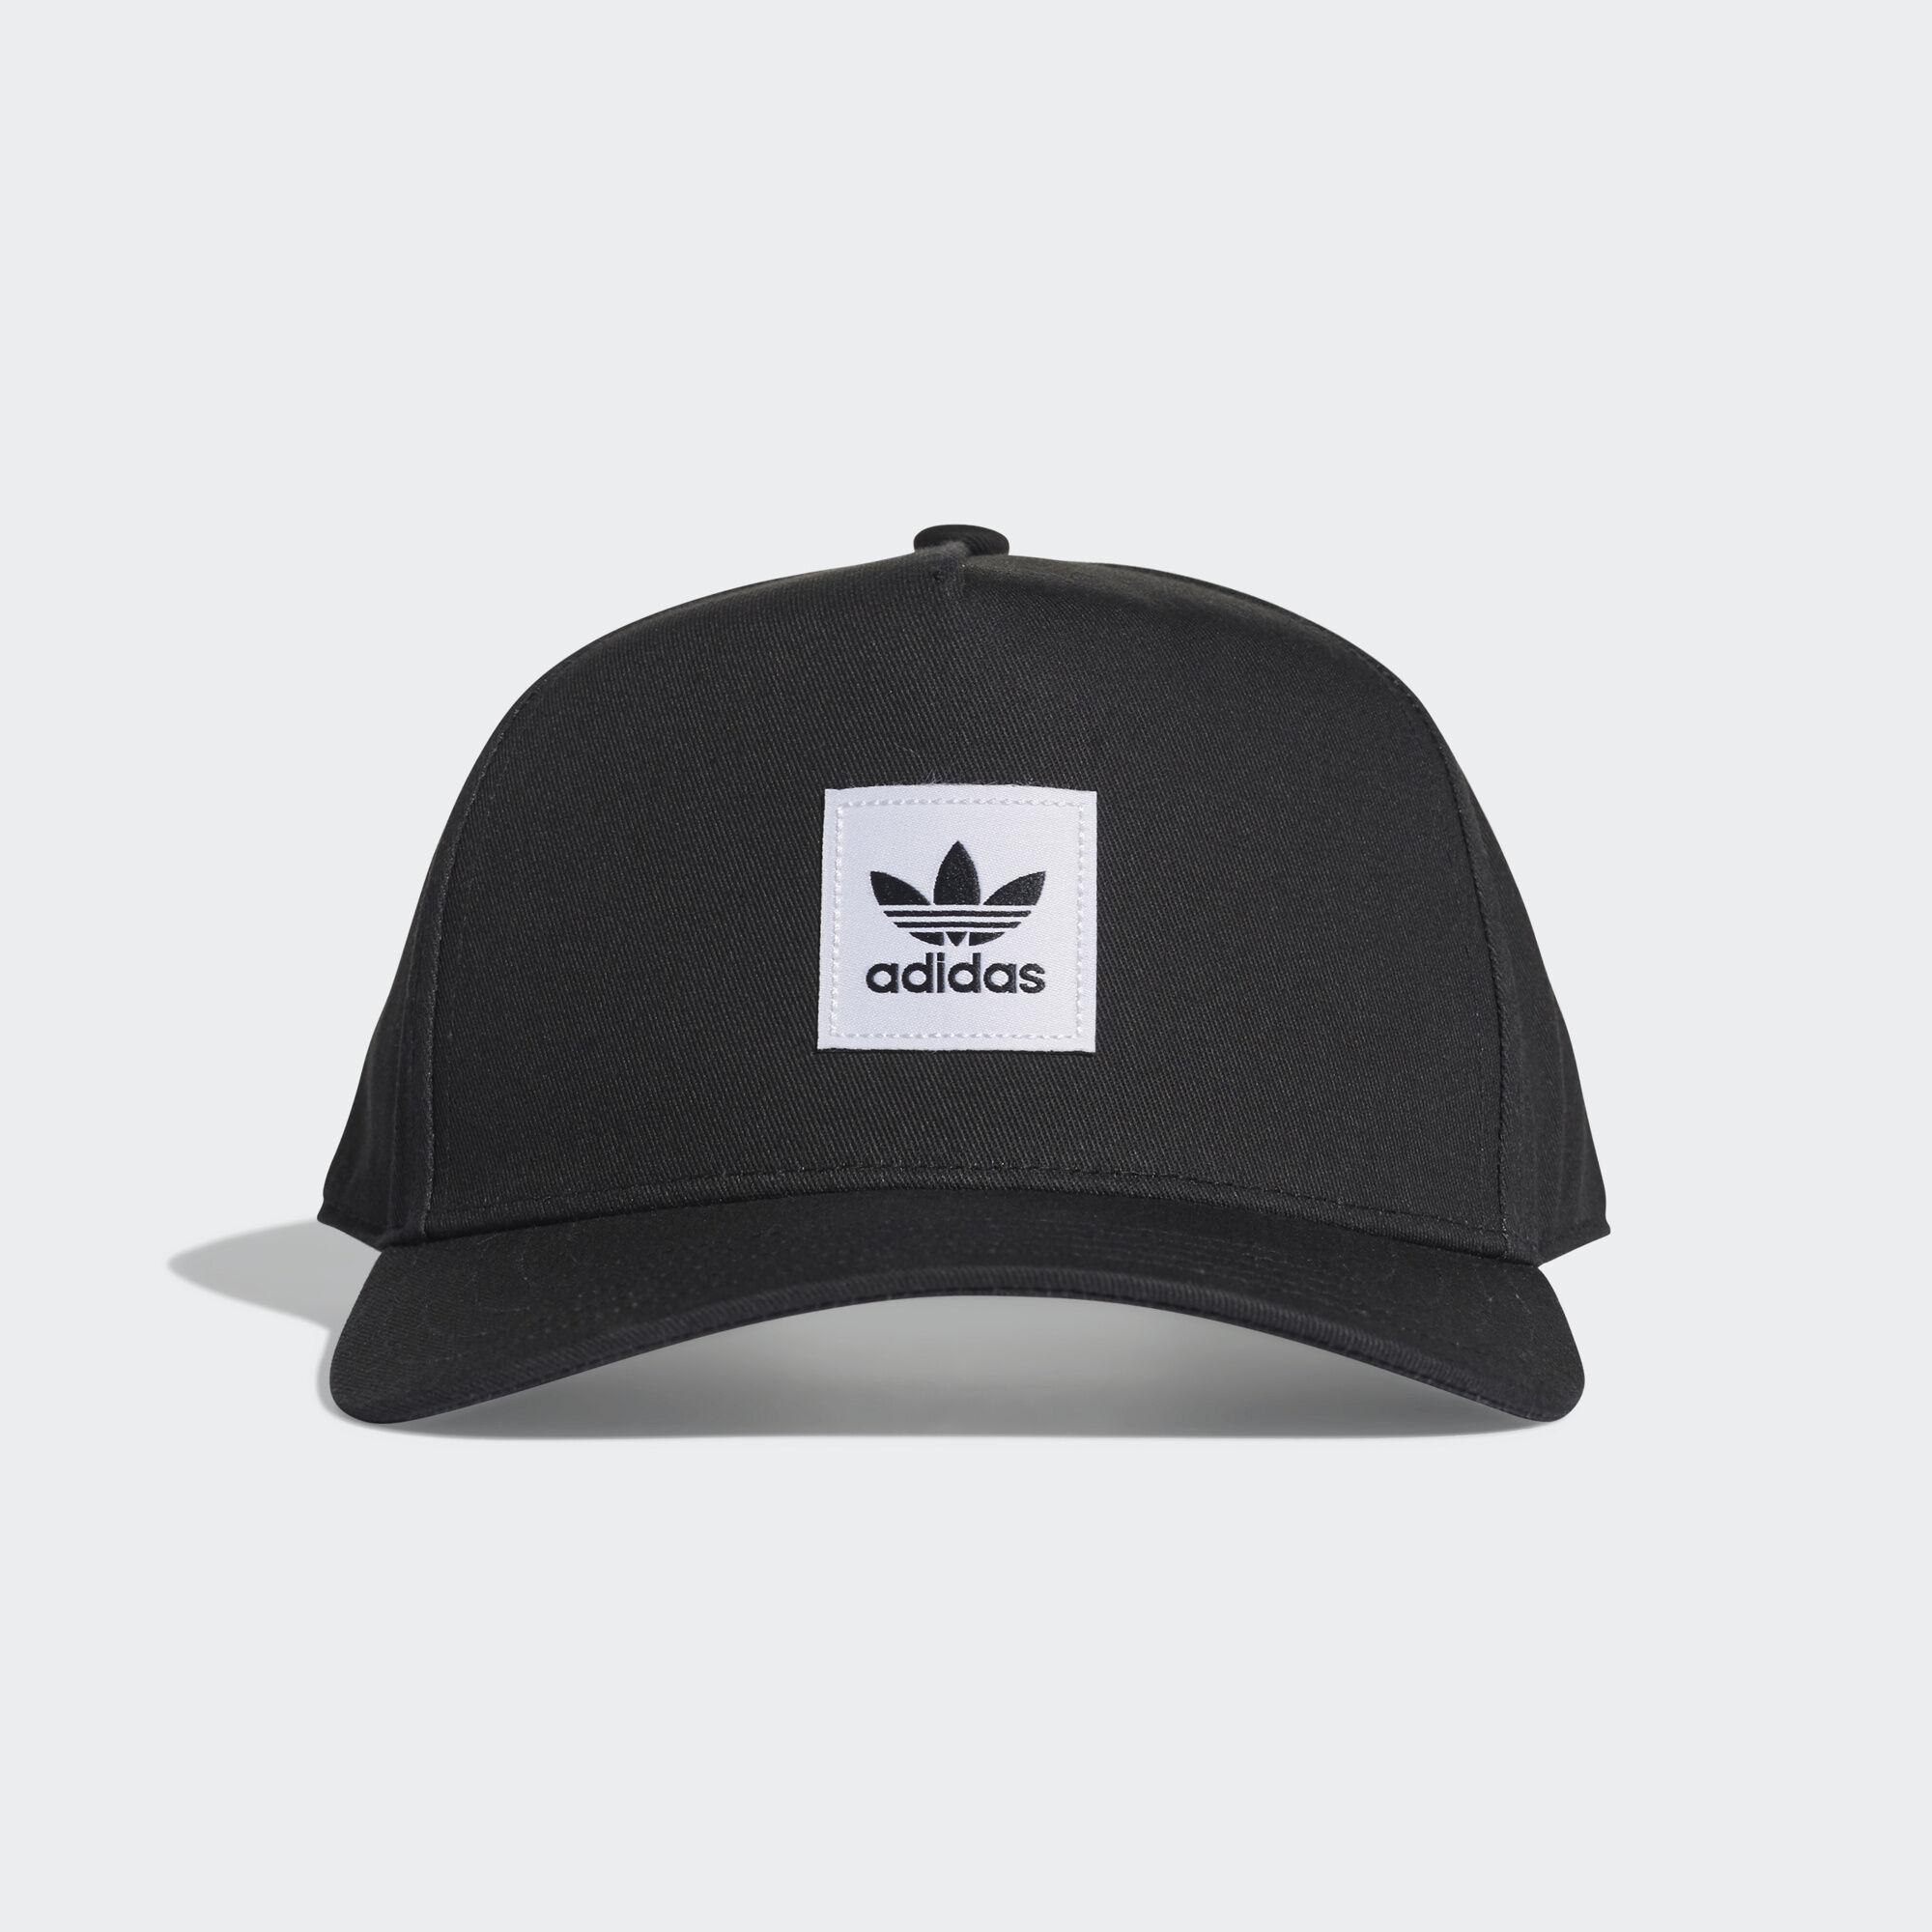 adidas - A-frame Cap Black   White DU6796 ef65165a216